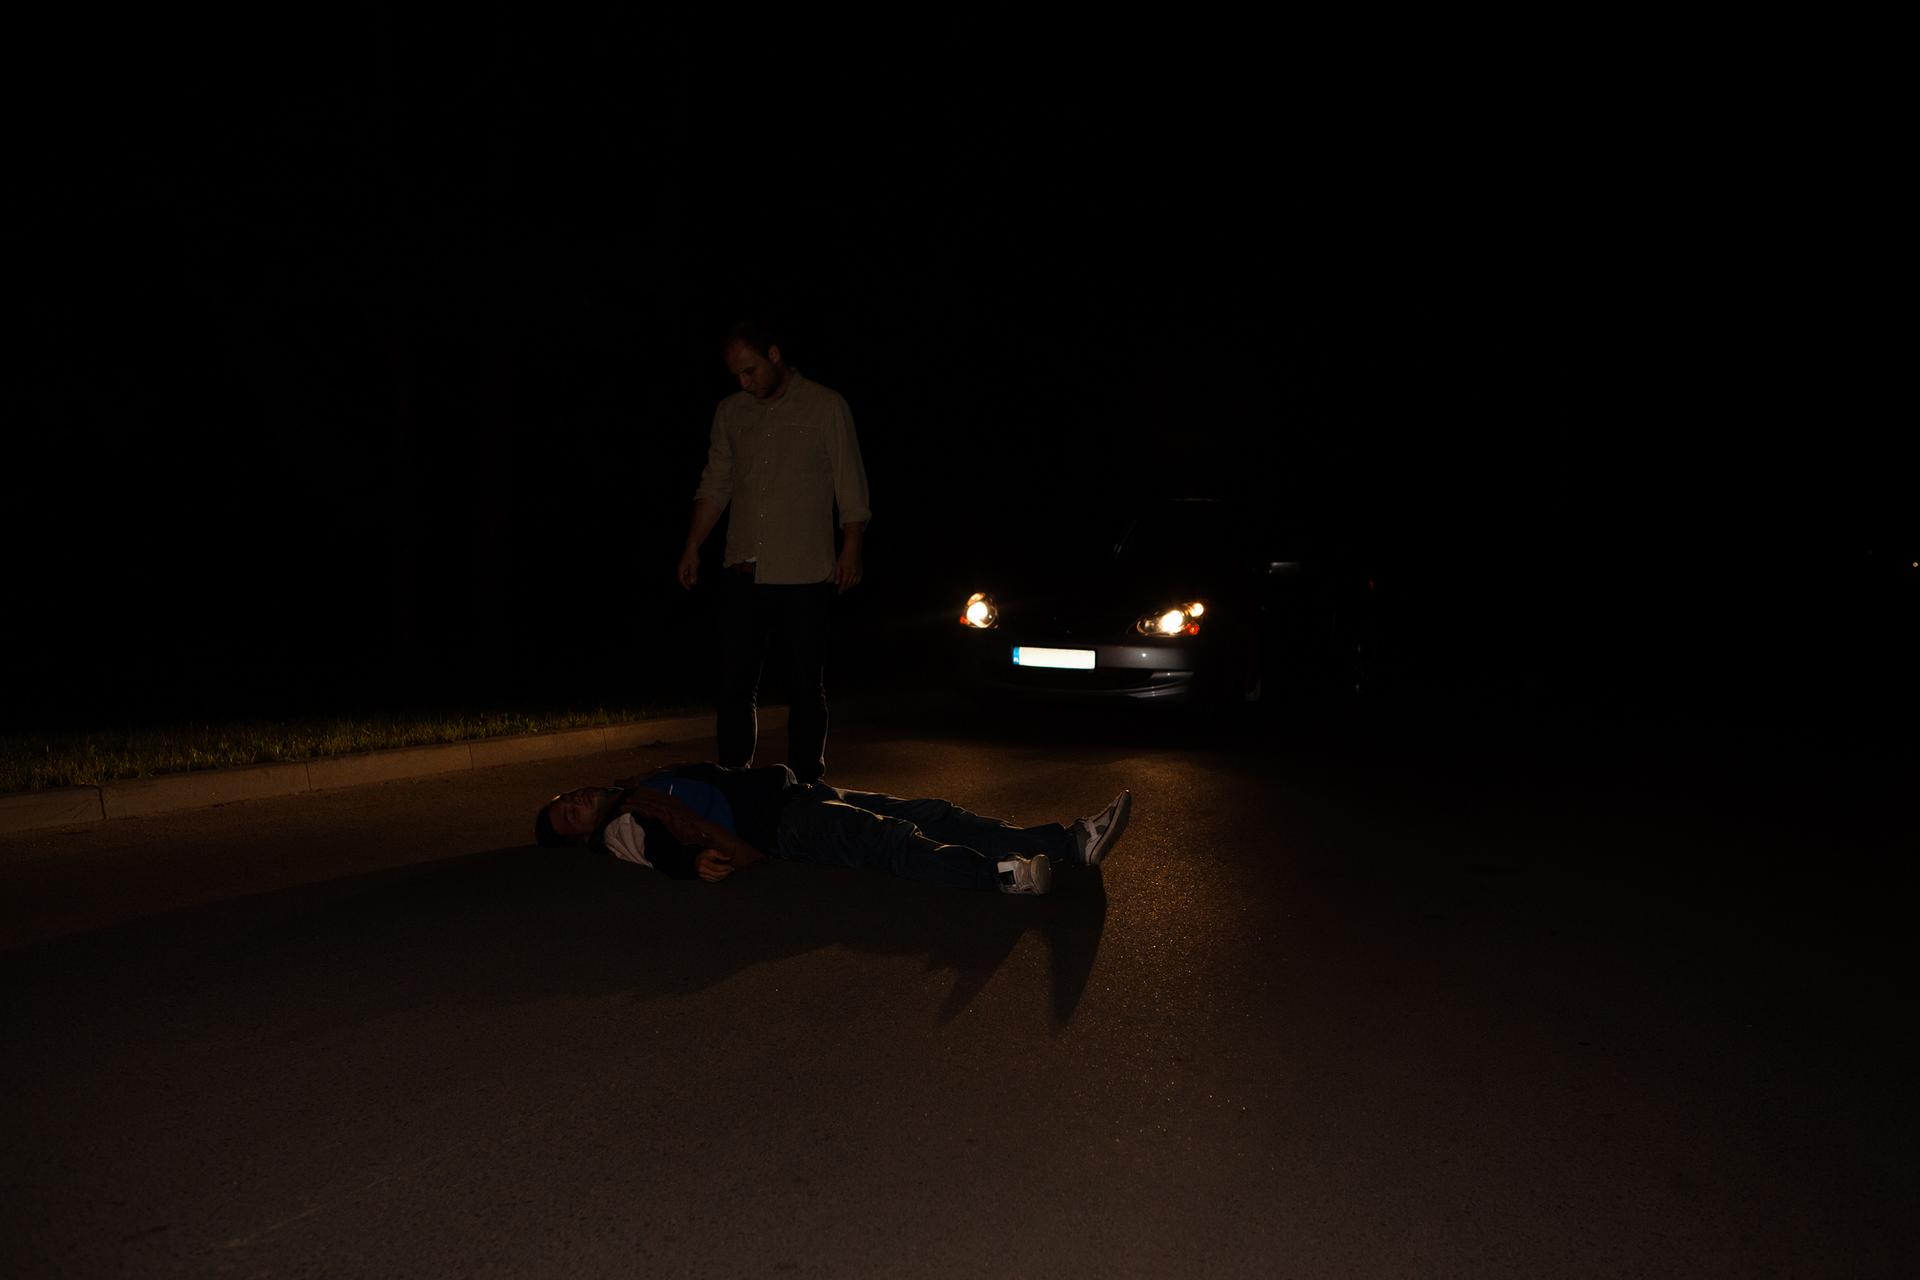 Dwa zdjęcia: dwa zdjęcia ułożone poziomo. Noc. Pierwsze zdjęcie po lewej stronie. Na jezdni leży nieprzytomna osoba. Leżąca osoba ubrana na czarno bez odblaskowych dodatków. Za leżącą osobą zaparkowany samochód zwłączonymi reflektorami. Reflektory skierowane na leżącą osobę. Kierowca bez kamizelki odblaskowej jest prawie niewidoczny na jezdni.